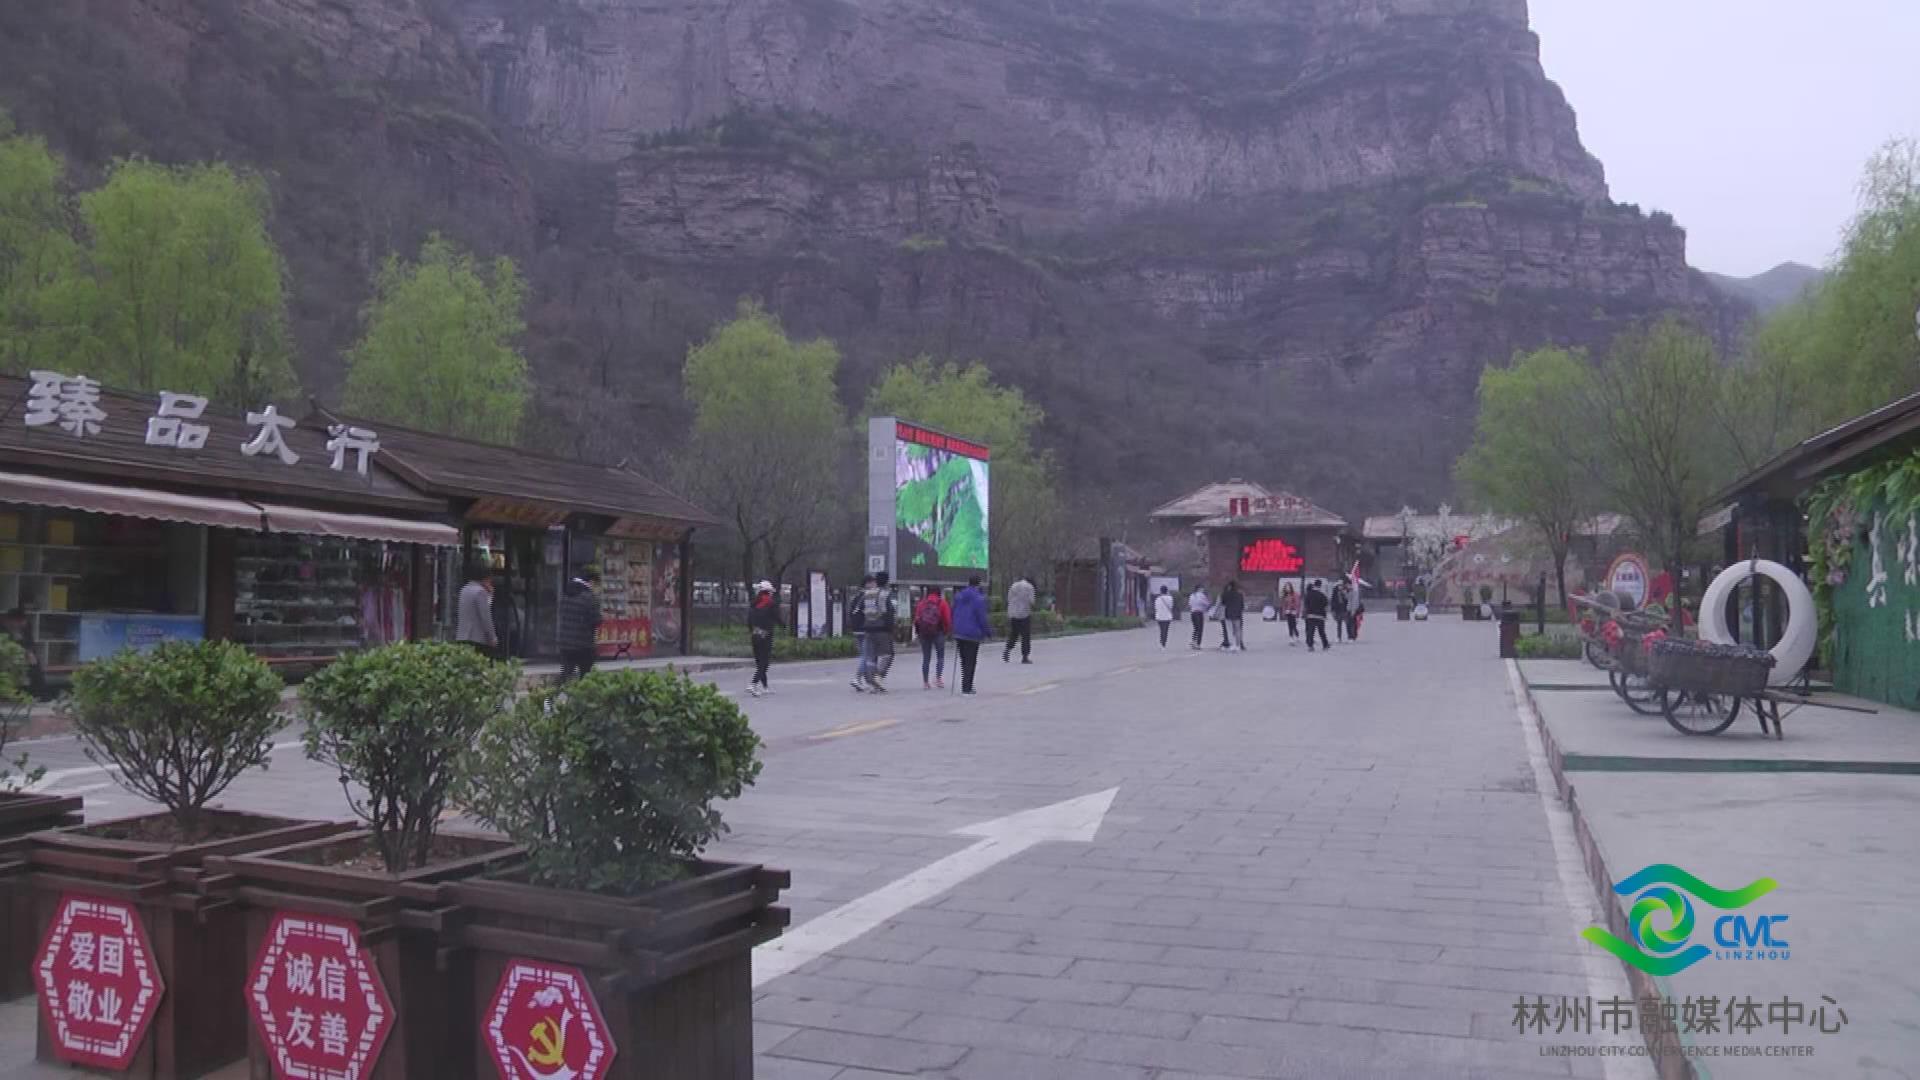 【样样当先进 行行争一流】太行大峡谷景区:品质提升换新颜 休闲游玩好去处